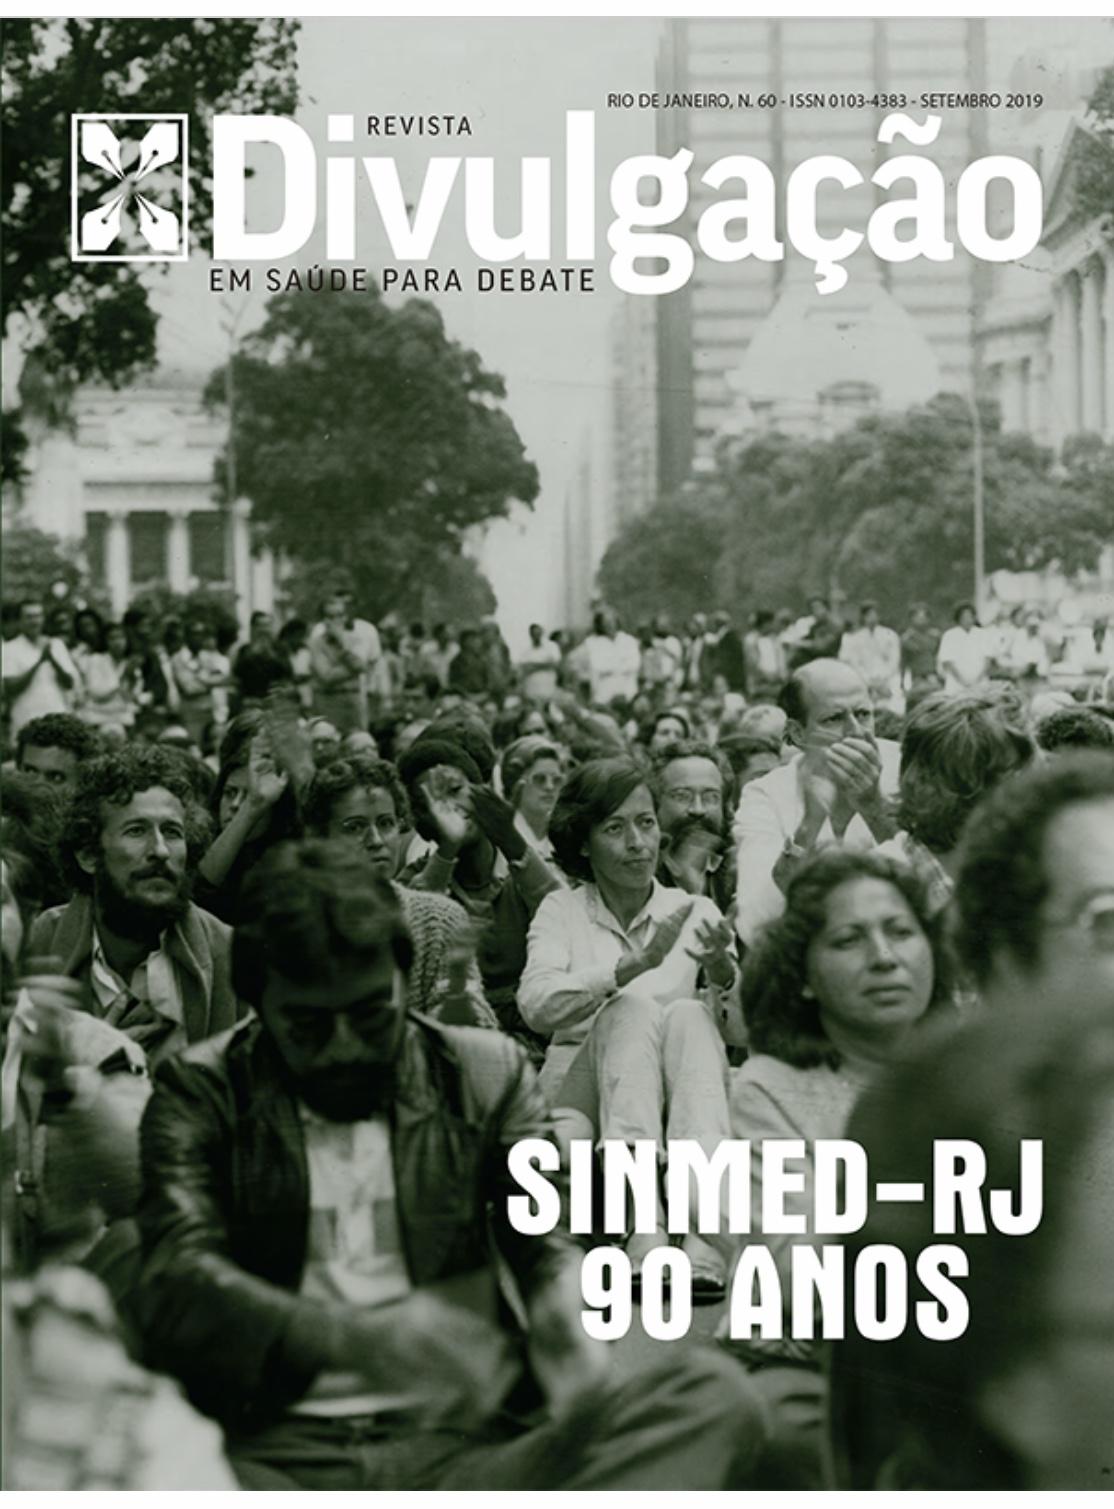 SinMed/RJ e Cebes lançam revista em comemoração às nove décadas do sindicato